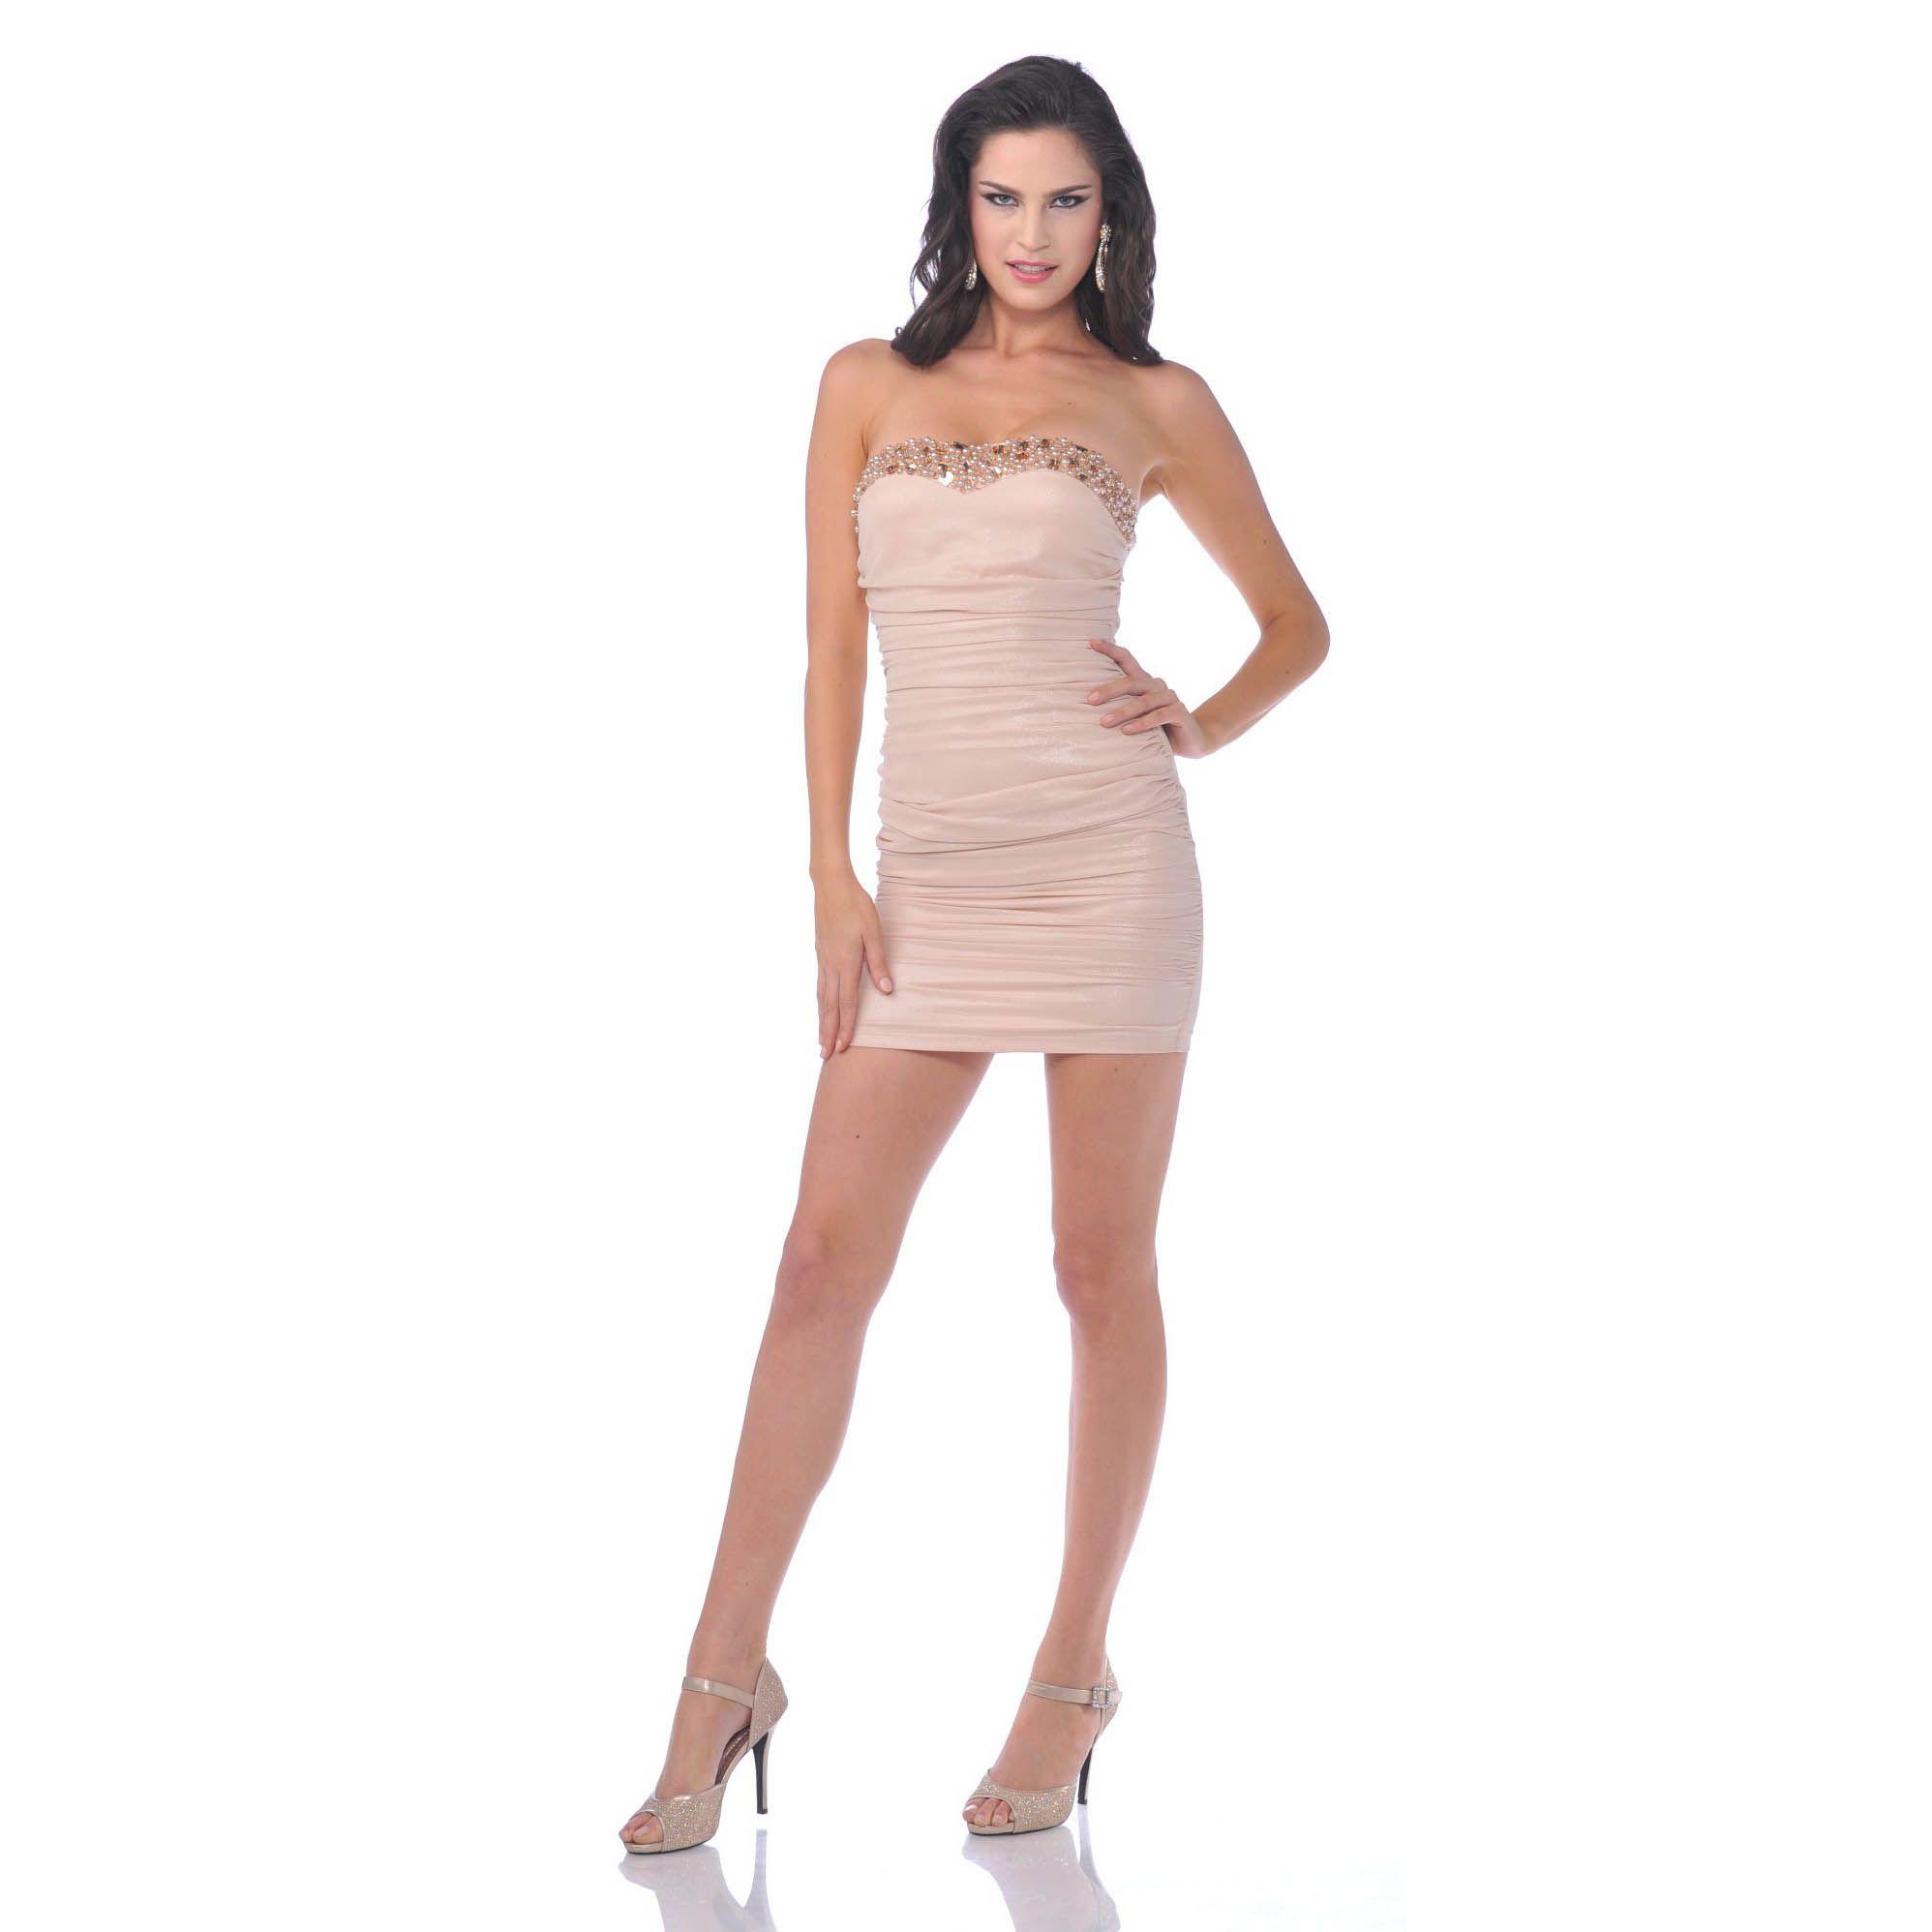 dresses-party-cocktail- | Cocktail Party Dress | Pinterest ...